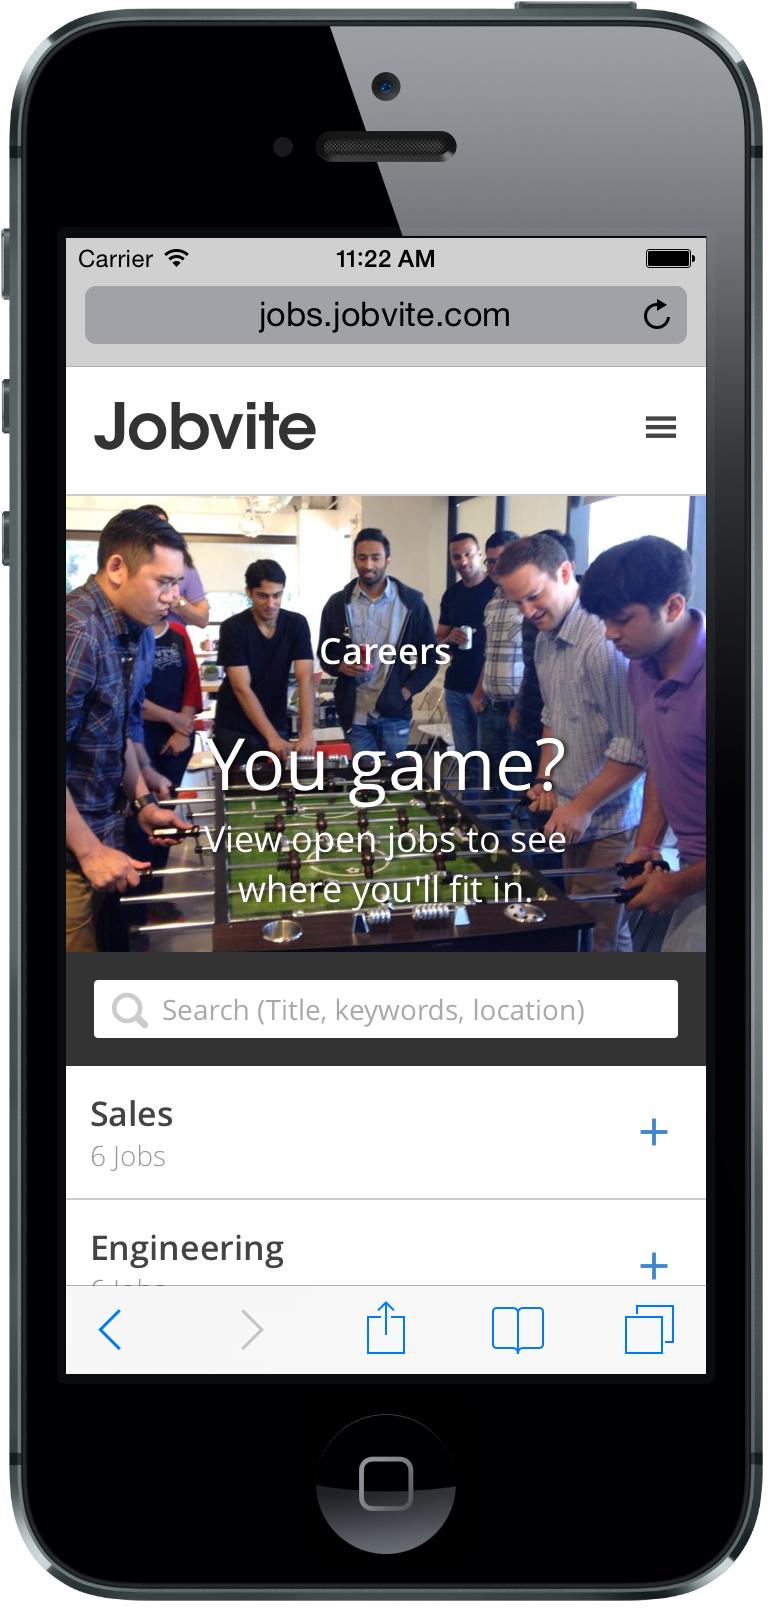 Jobvite Mobile Career Sites